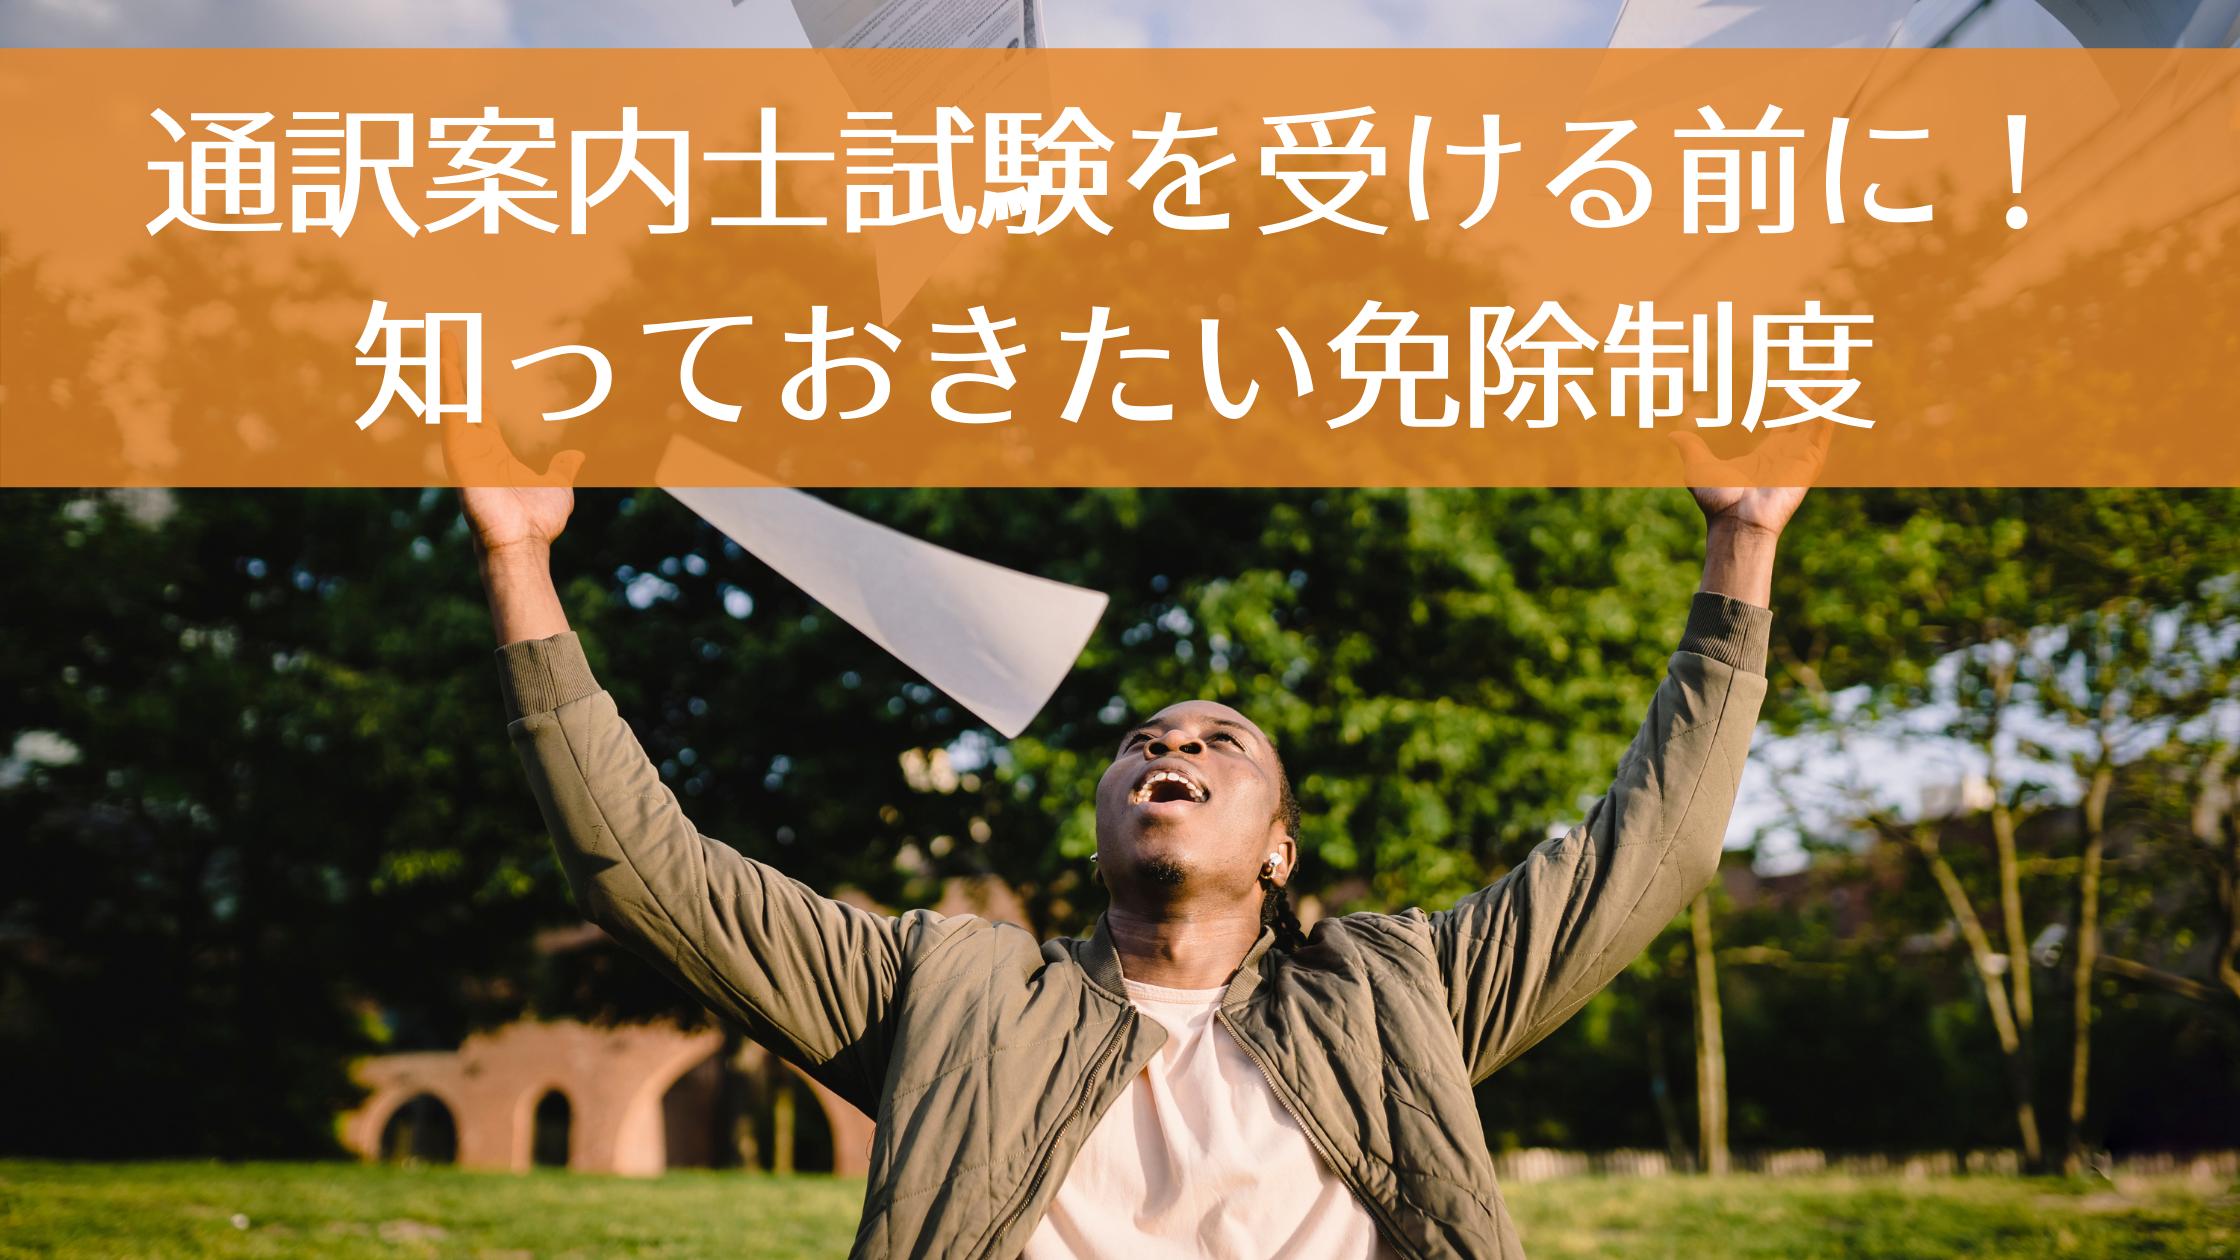 通訳案内士試験を受ける前に!知っておきたい免除制度